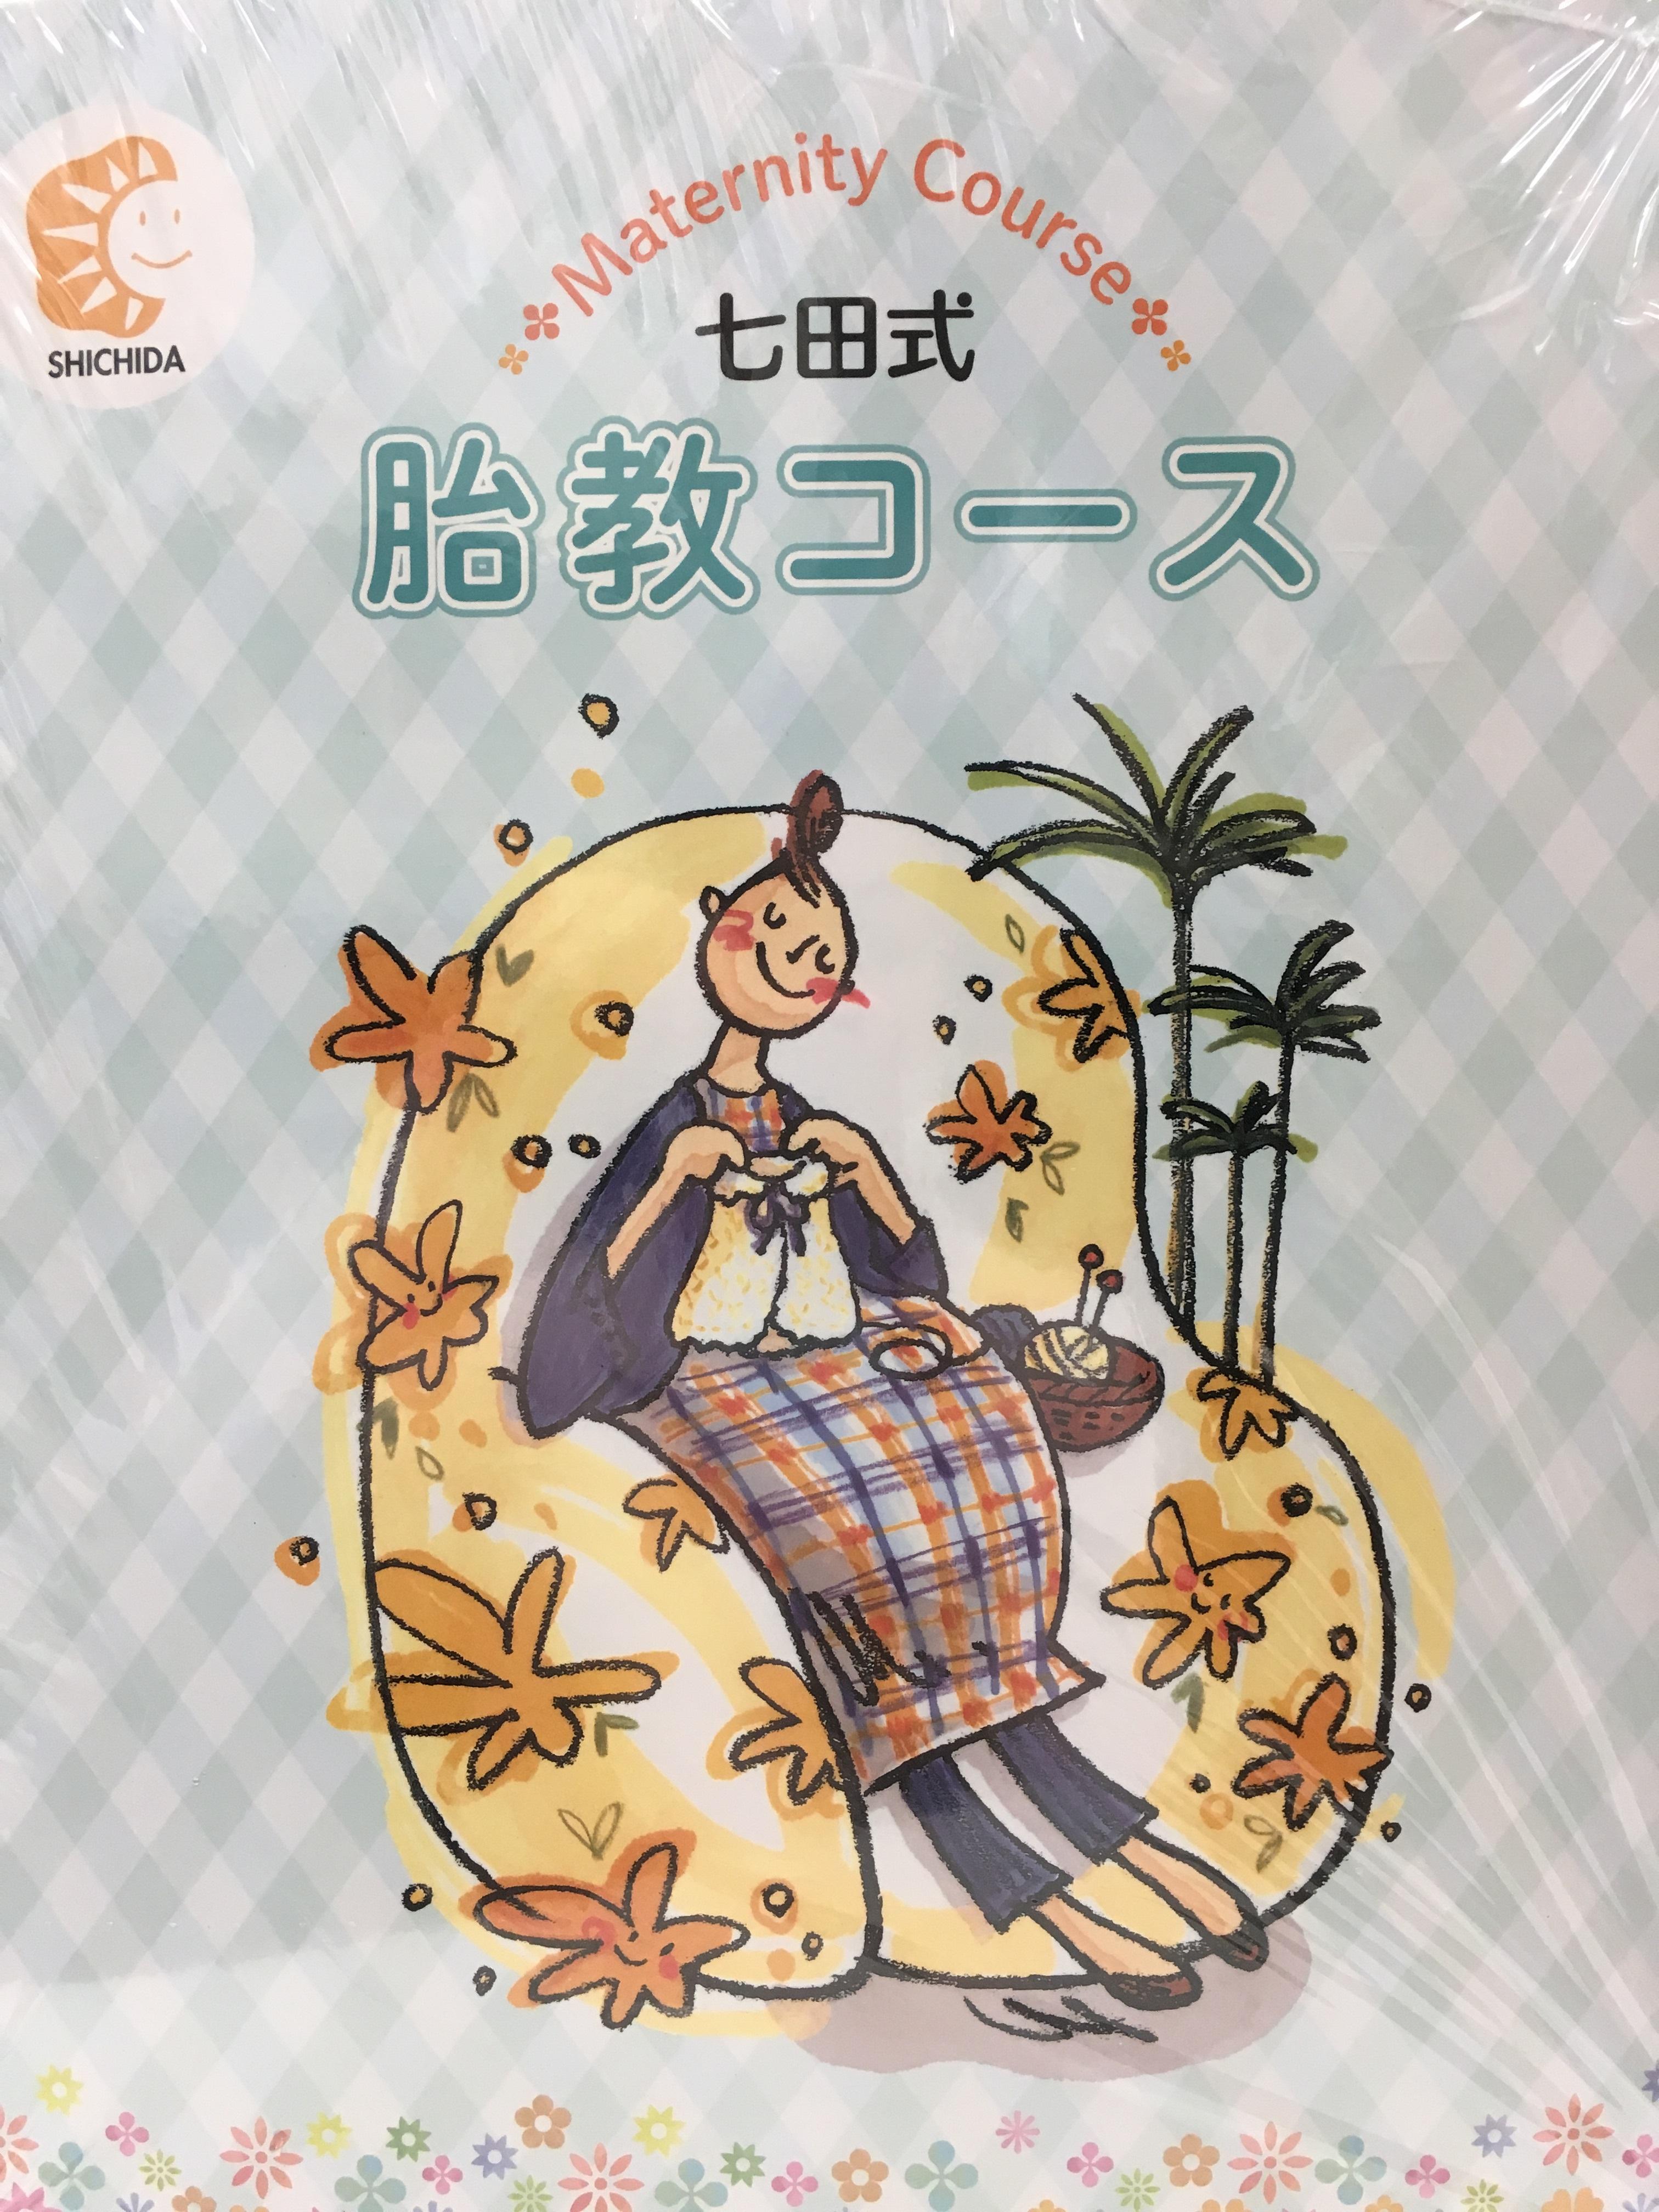 《 お教室日記 》をアップしました♪ どうぞ、ご覧ください(*^▽^*)